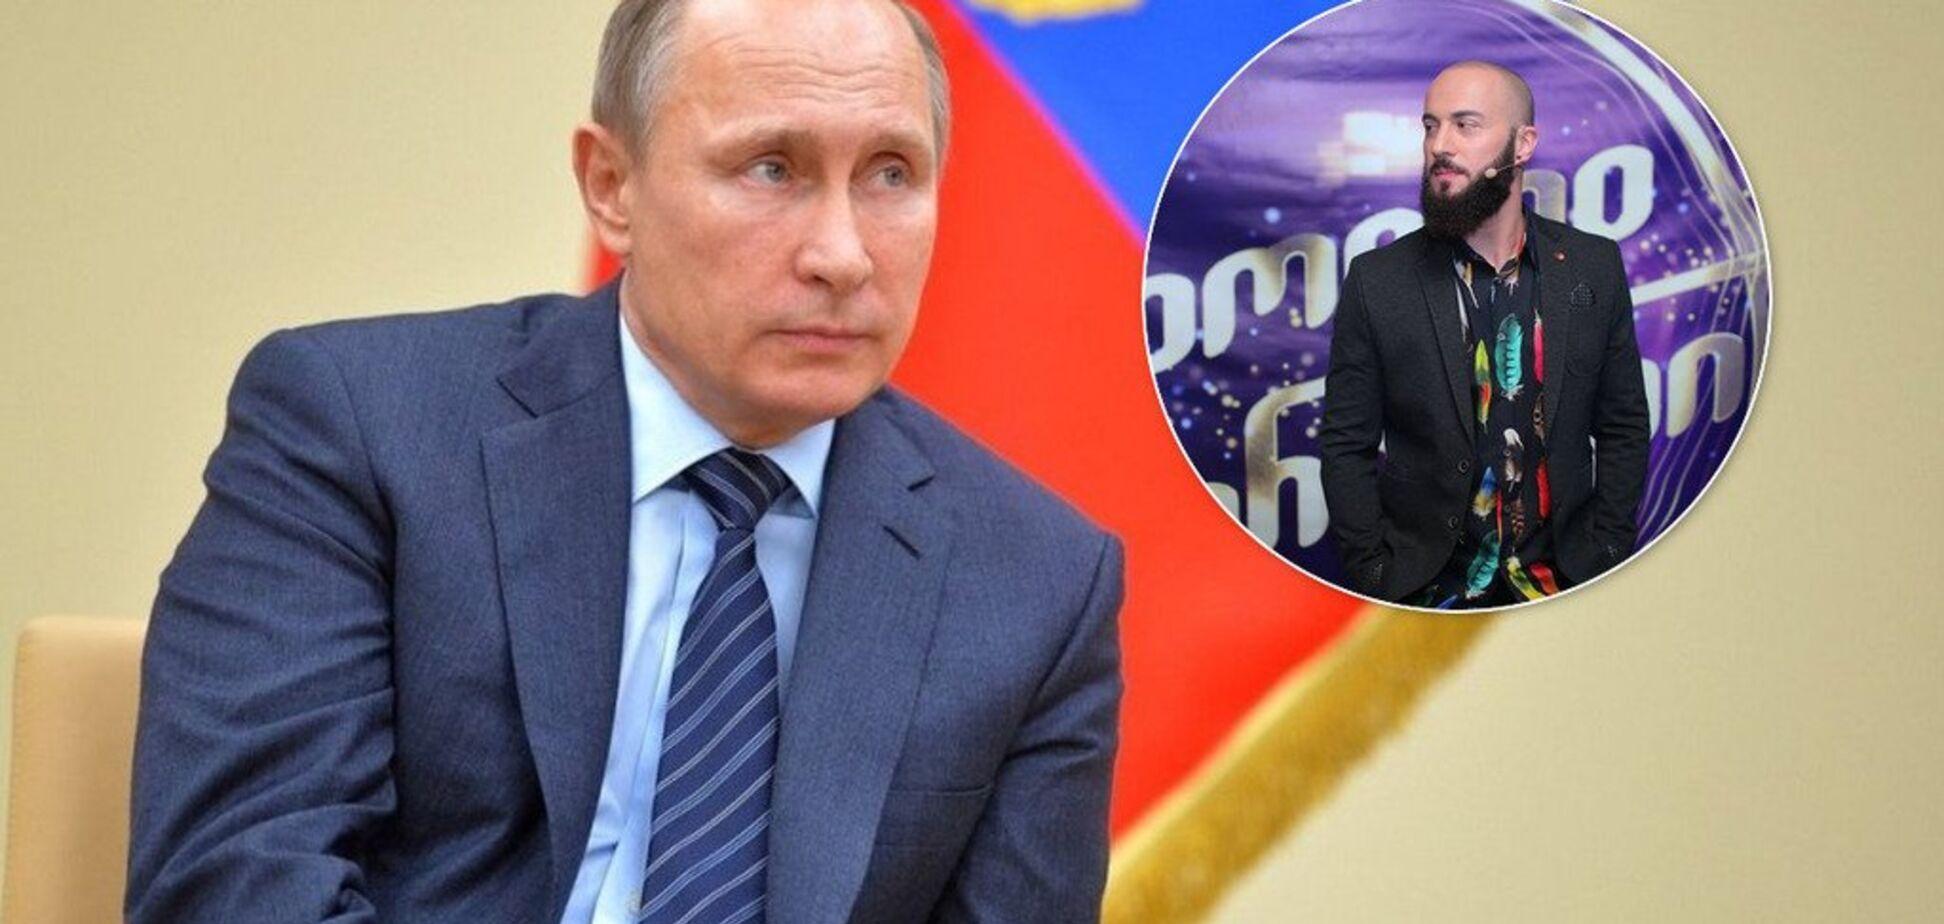 'Пошел в ж*пу, Володя!' Скандал с 'приветом' Путину в прямом эфире получил продолжение